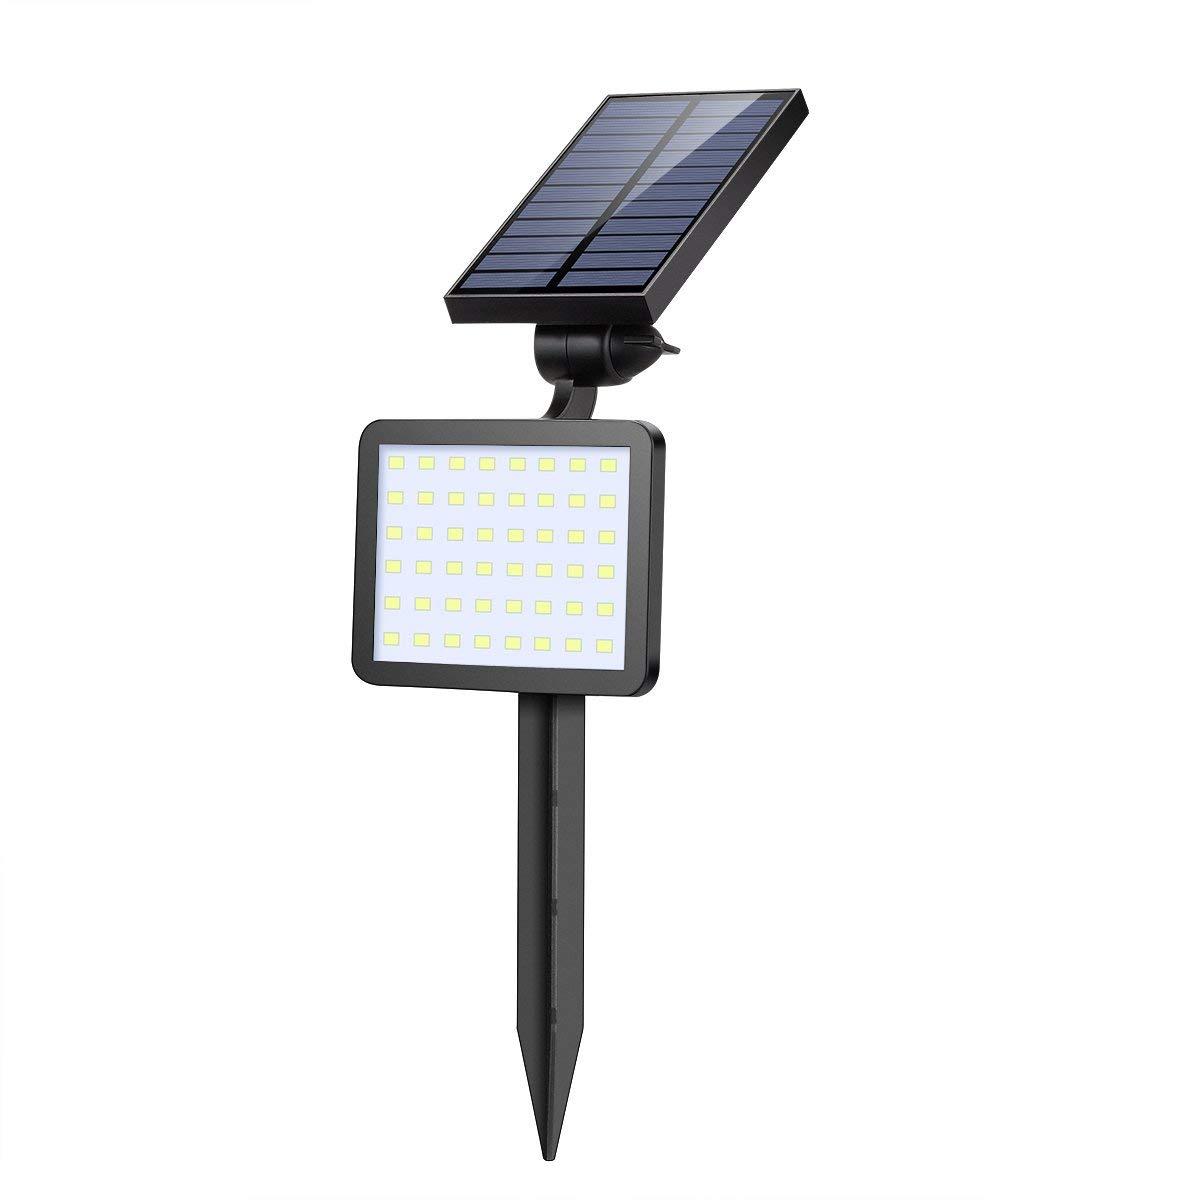 SOONHUA 48 LED Outdoor Solar Spotlight, Solar Light Landscape Lighting for Garden Auto on/off 5 Light Modes 360°Adjustable 2-in-1 Installation Wall Light Waterproof Solar Flood Light For Yard Patio